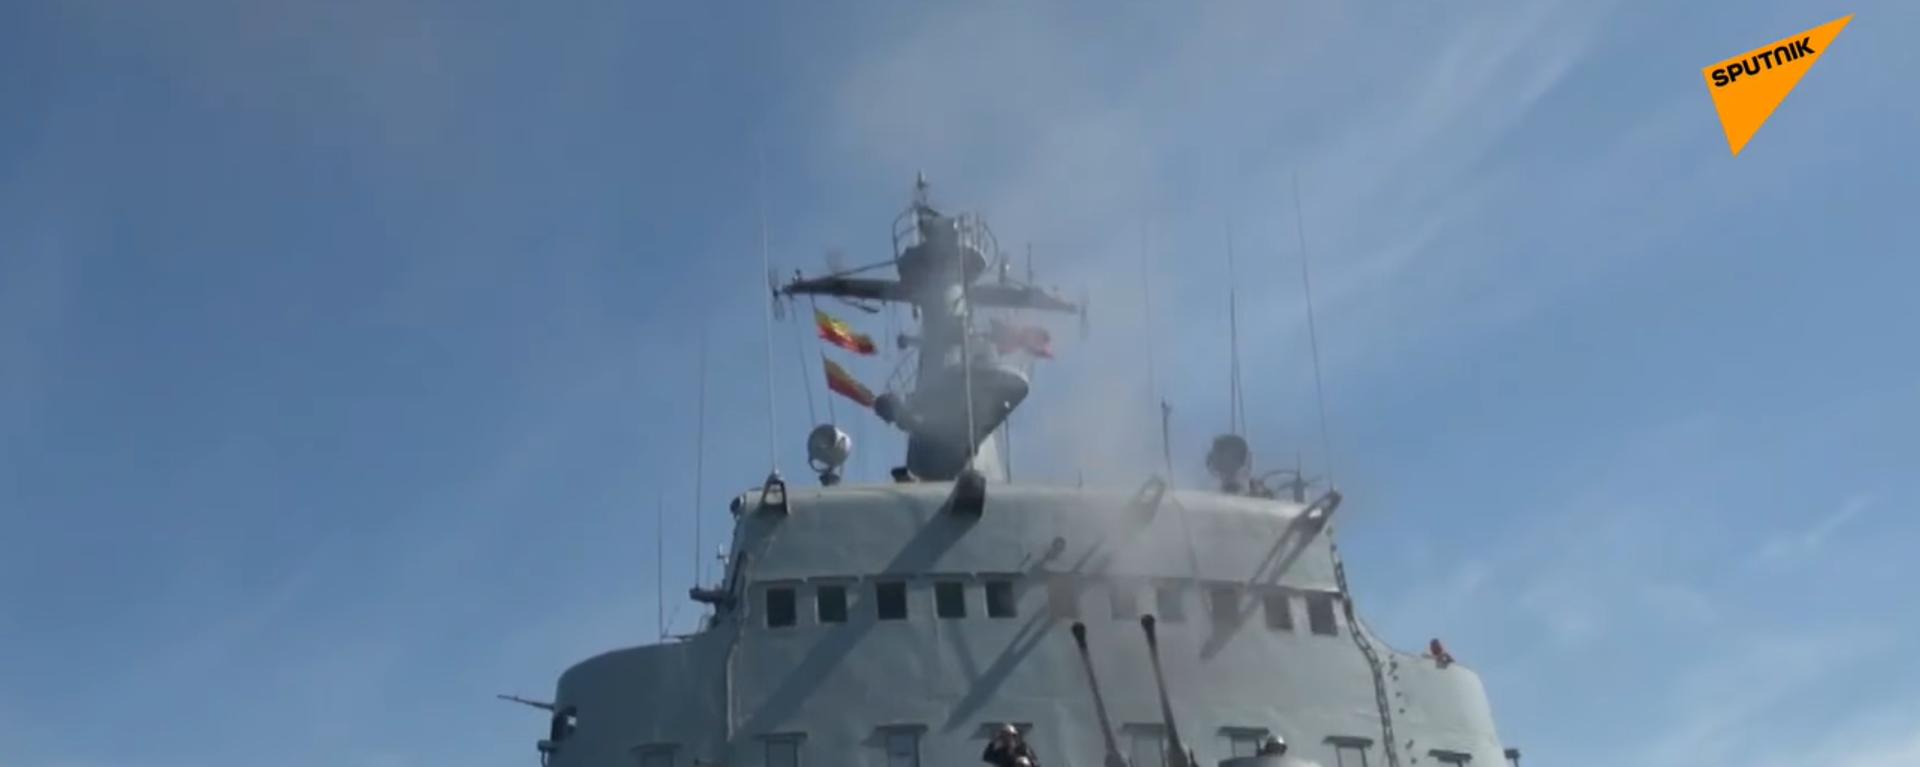 Esercitazioni di tiro con l'artiglieria per la Flotta russa del Mar Nero - Sputnik Italia, 1920, 02.07.2021